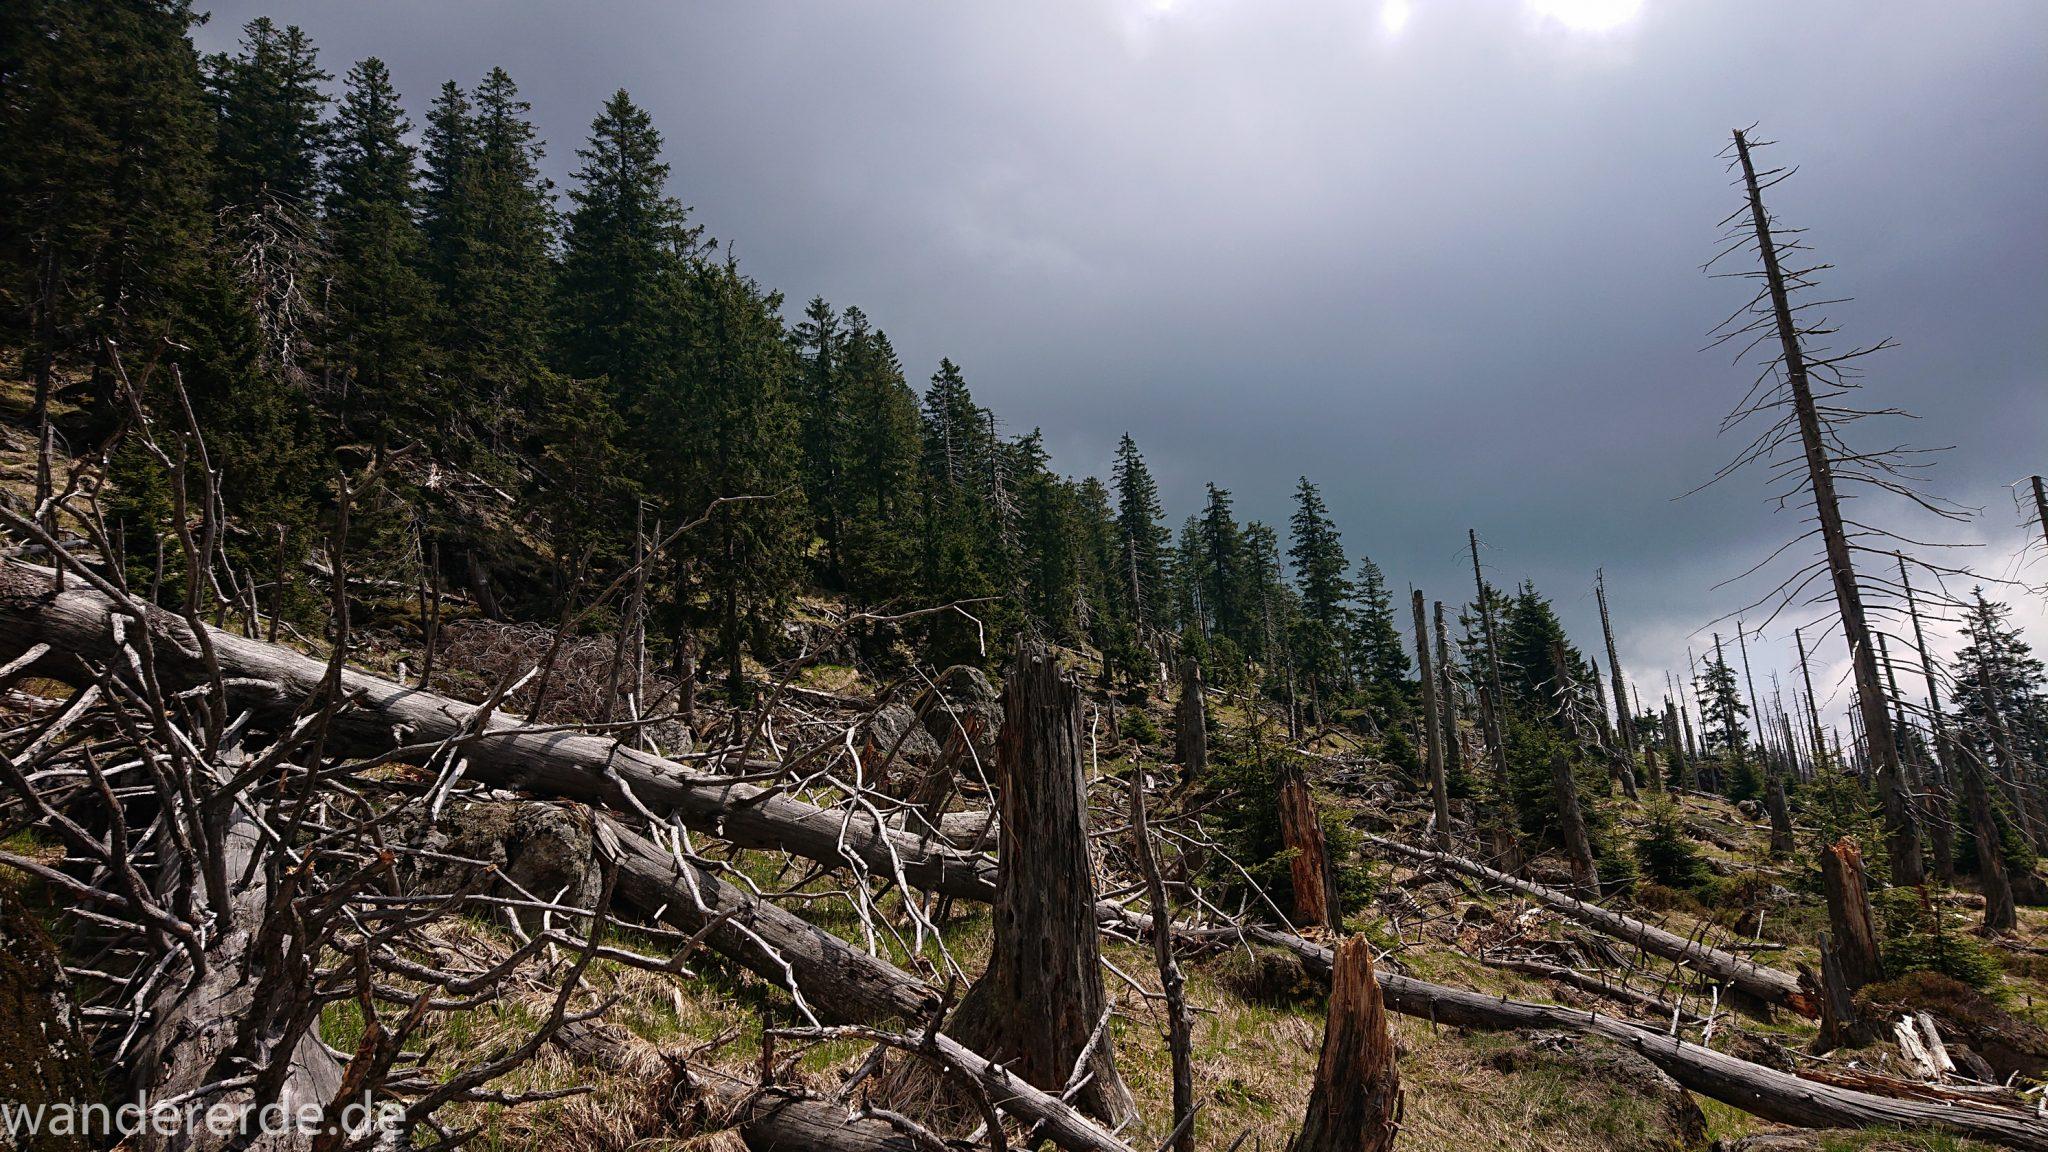 Wanderung Großer Rachel im Nationalpark Bayerischer Wald, Start Parkplatz Oberfrauenau, abwechslungsreicher Wanderweg, schmaler Pfad, umgefallene Bäume werden liegen gelassen, Zerstörung einiger Waldgebiete durch den Borkenkäfer